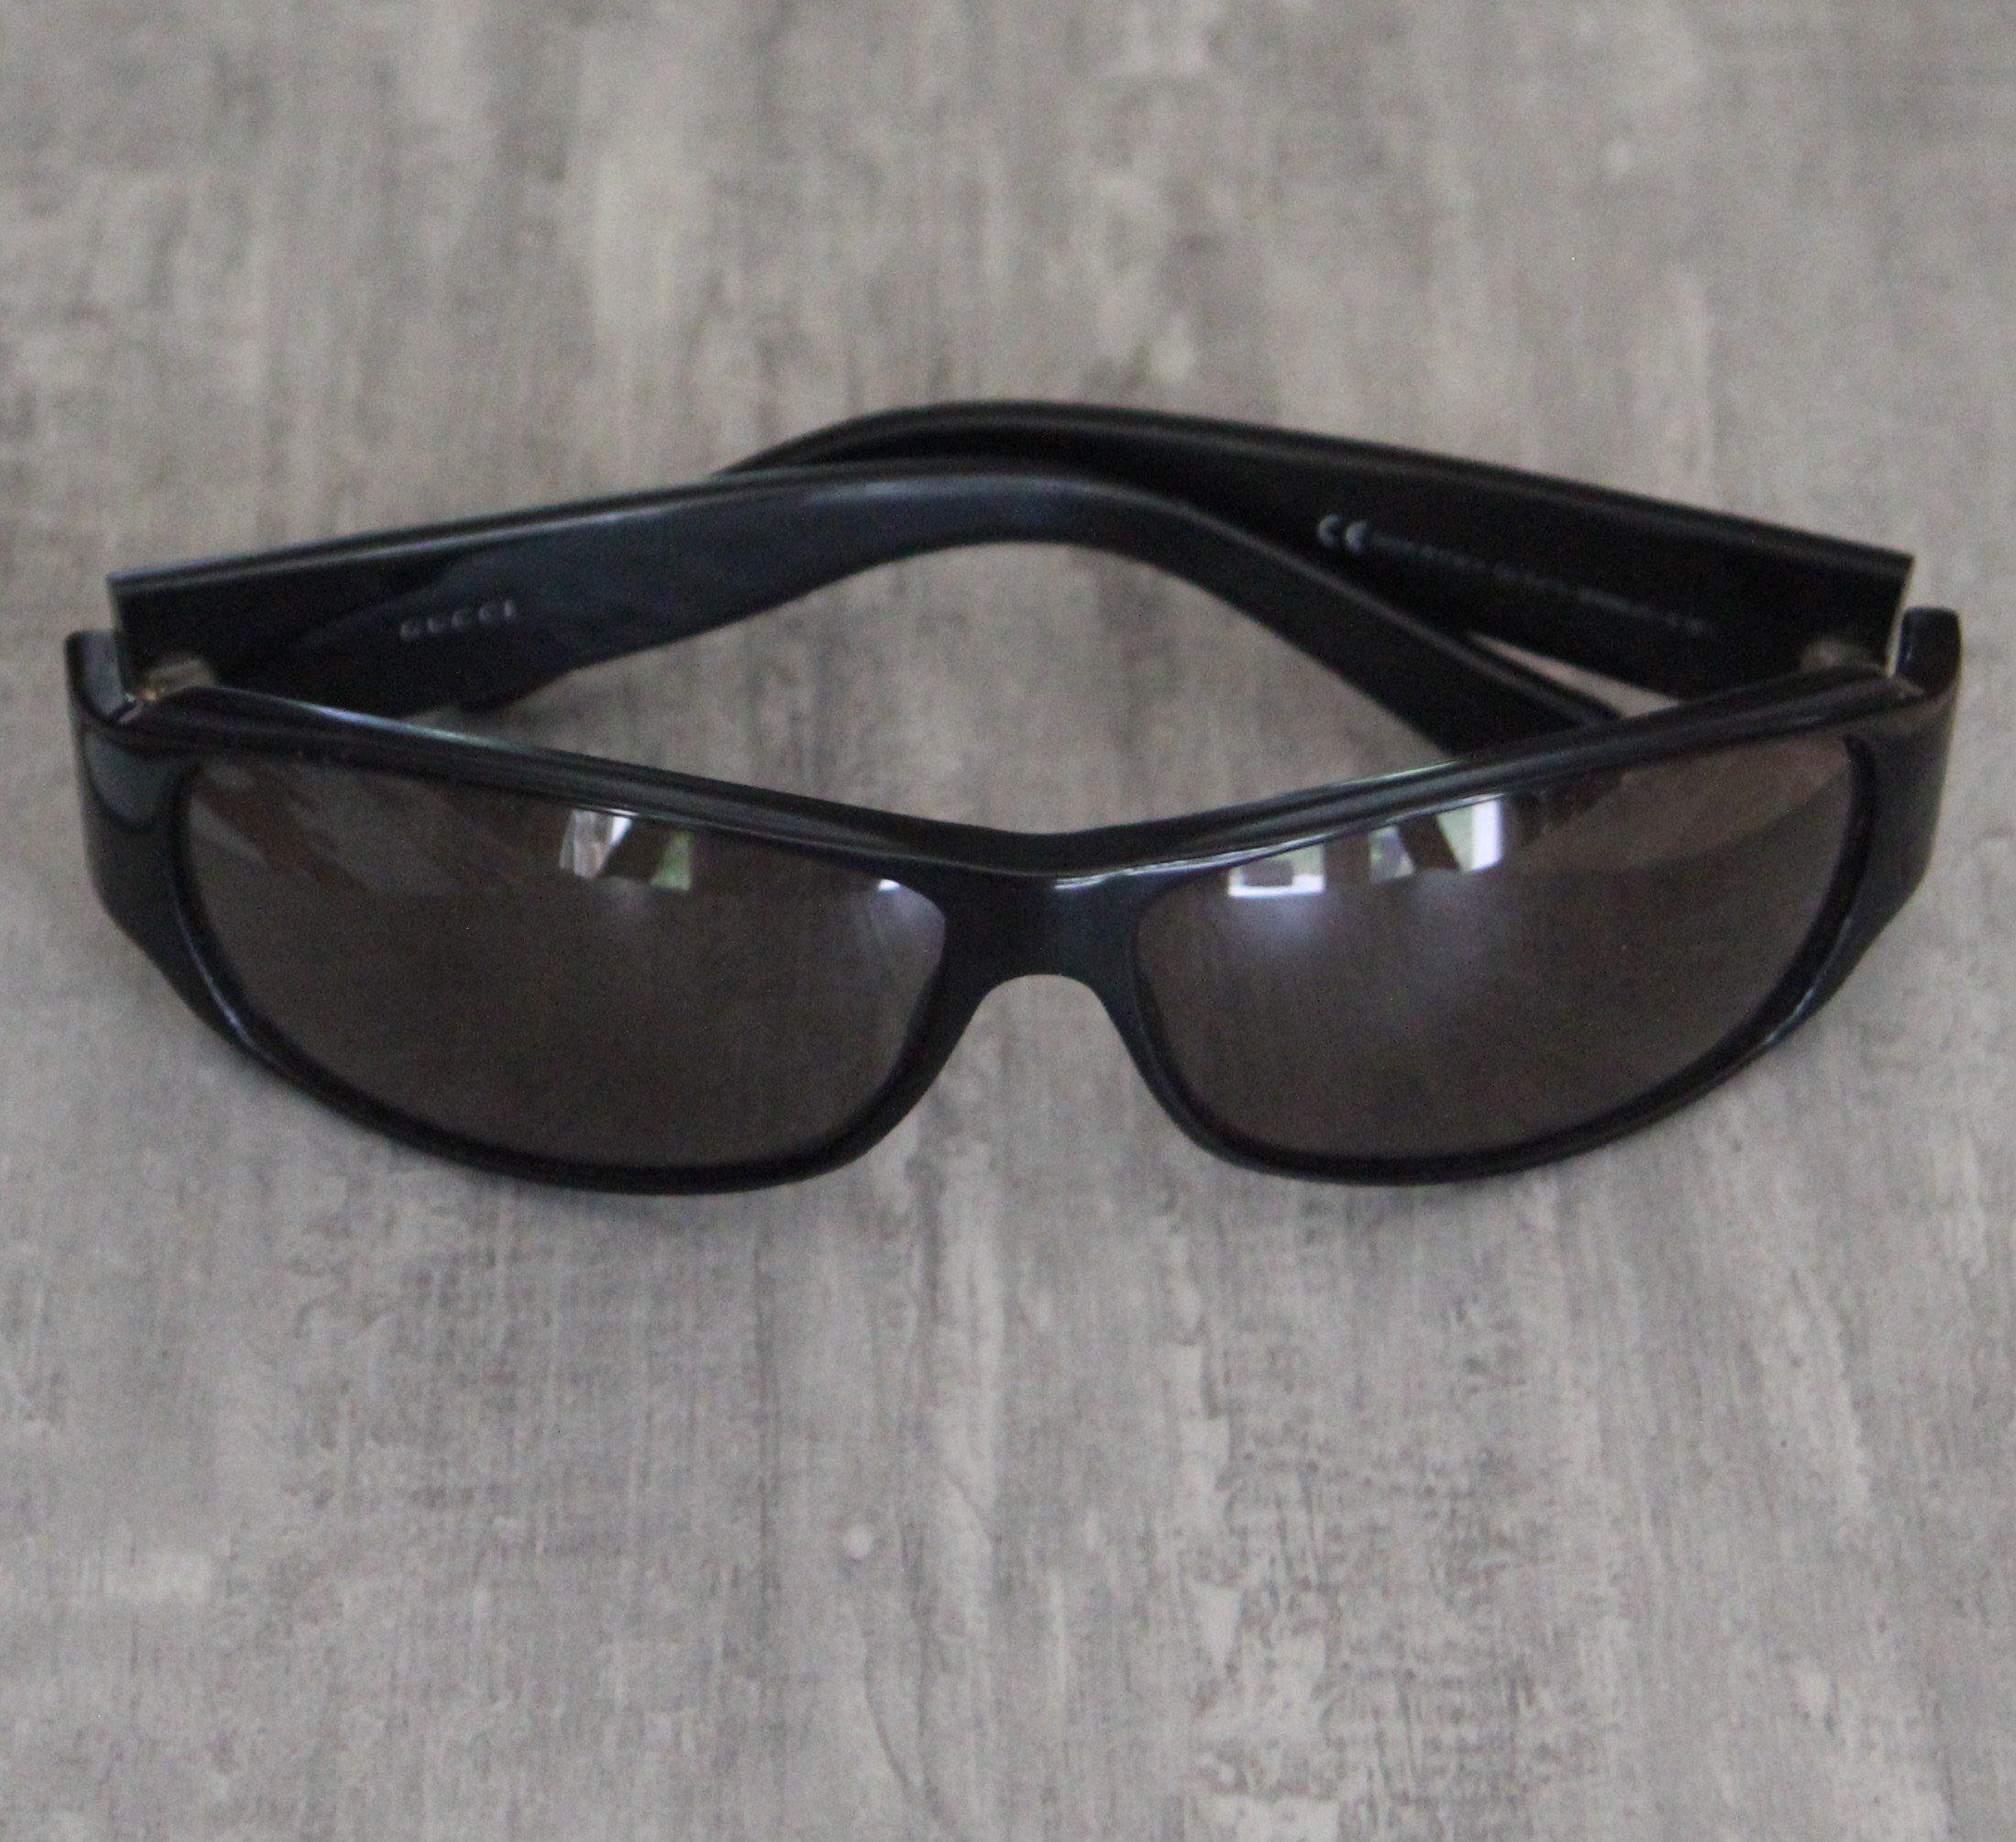 lunette de soleil GUCCI, femme, made in Italy, état vintage 90 S, monture  noire, verres fumés, shabby chic,rectangulaire, mode, élégance 8072cc87d1b2